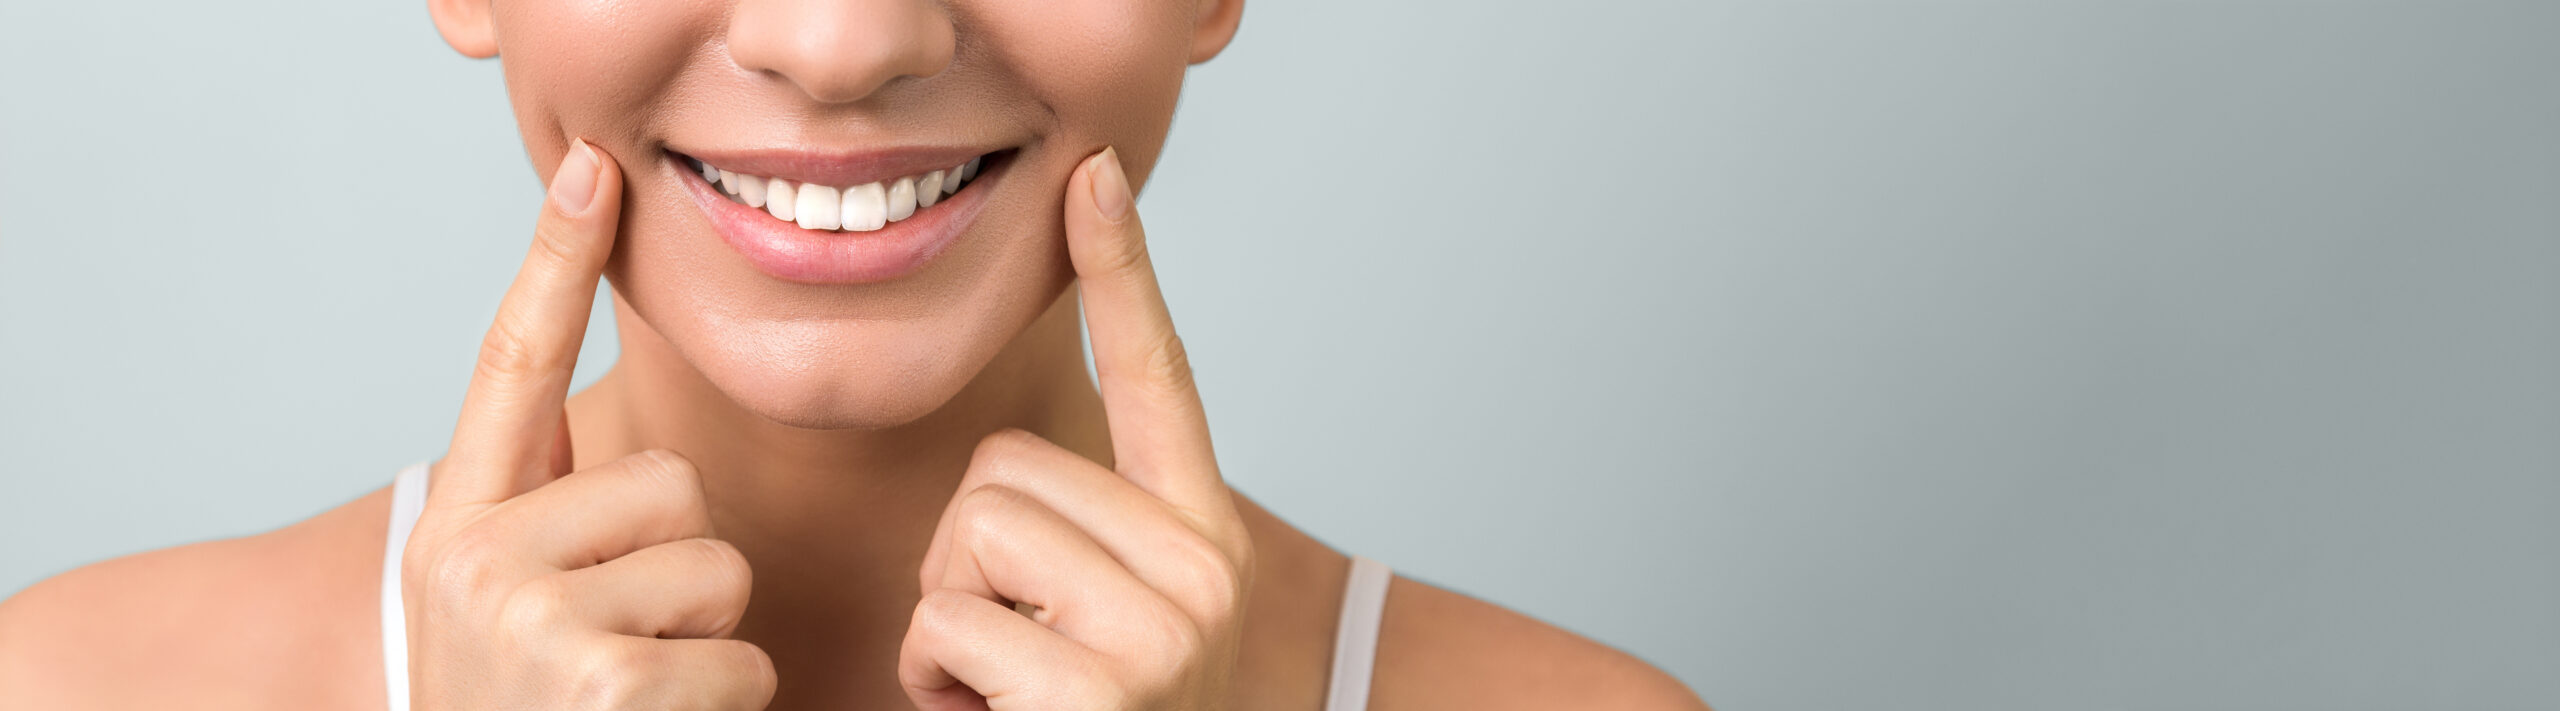 15 hechos fascinantes sobre la sonrisa